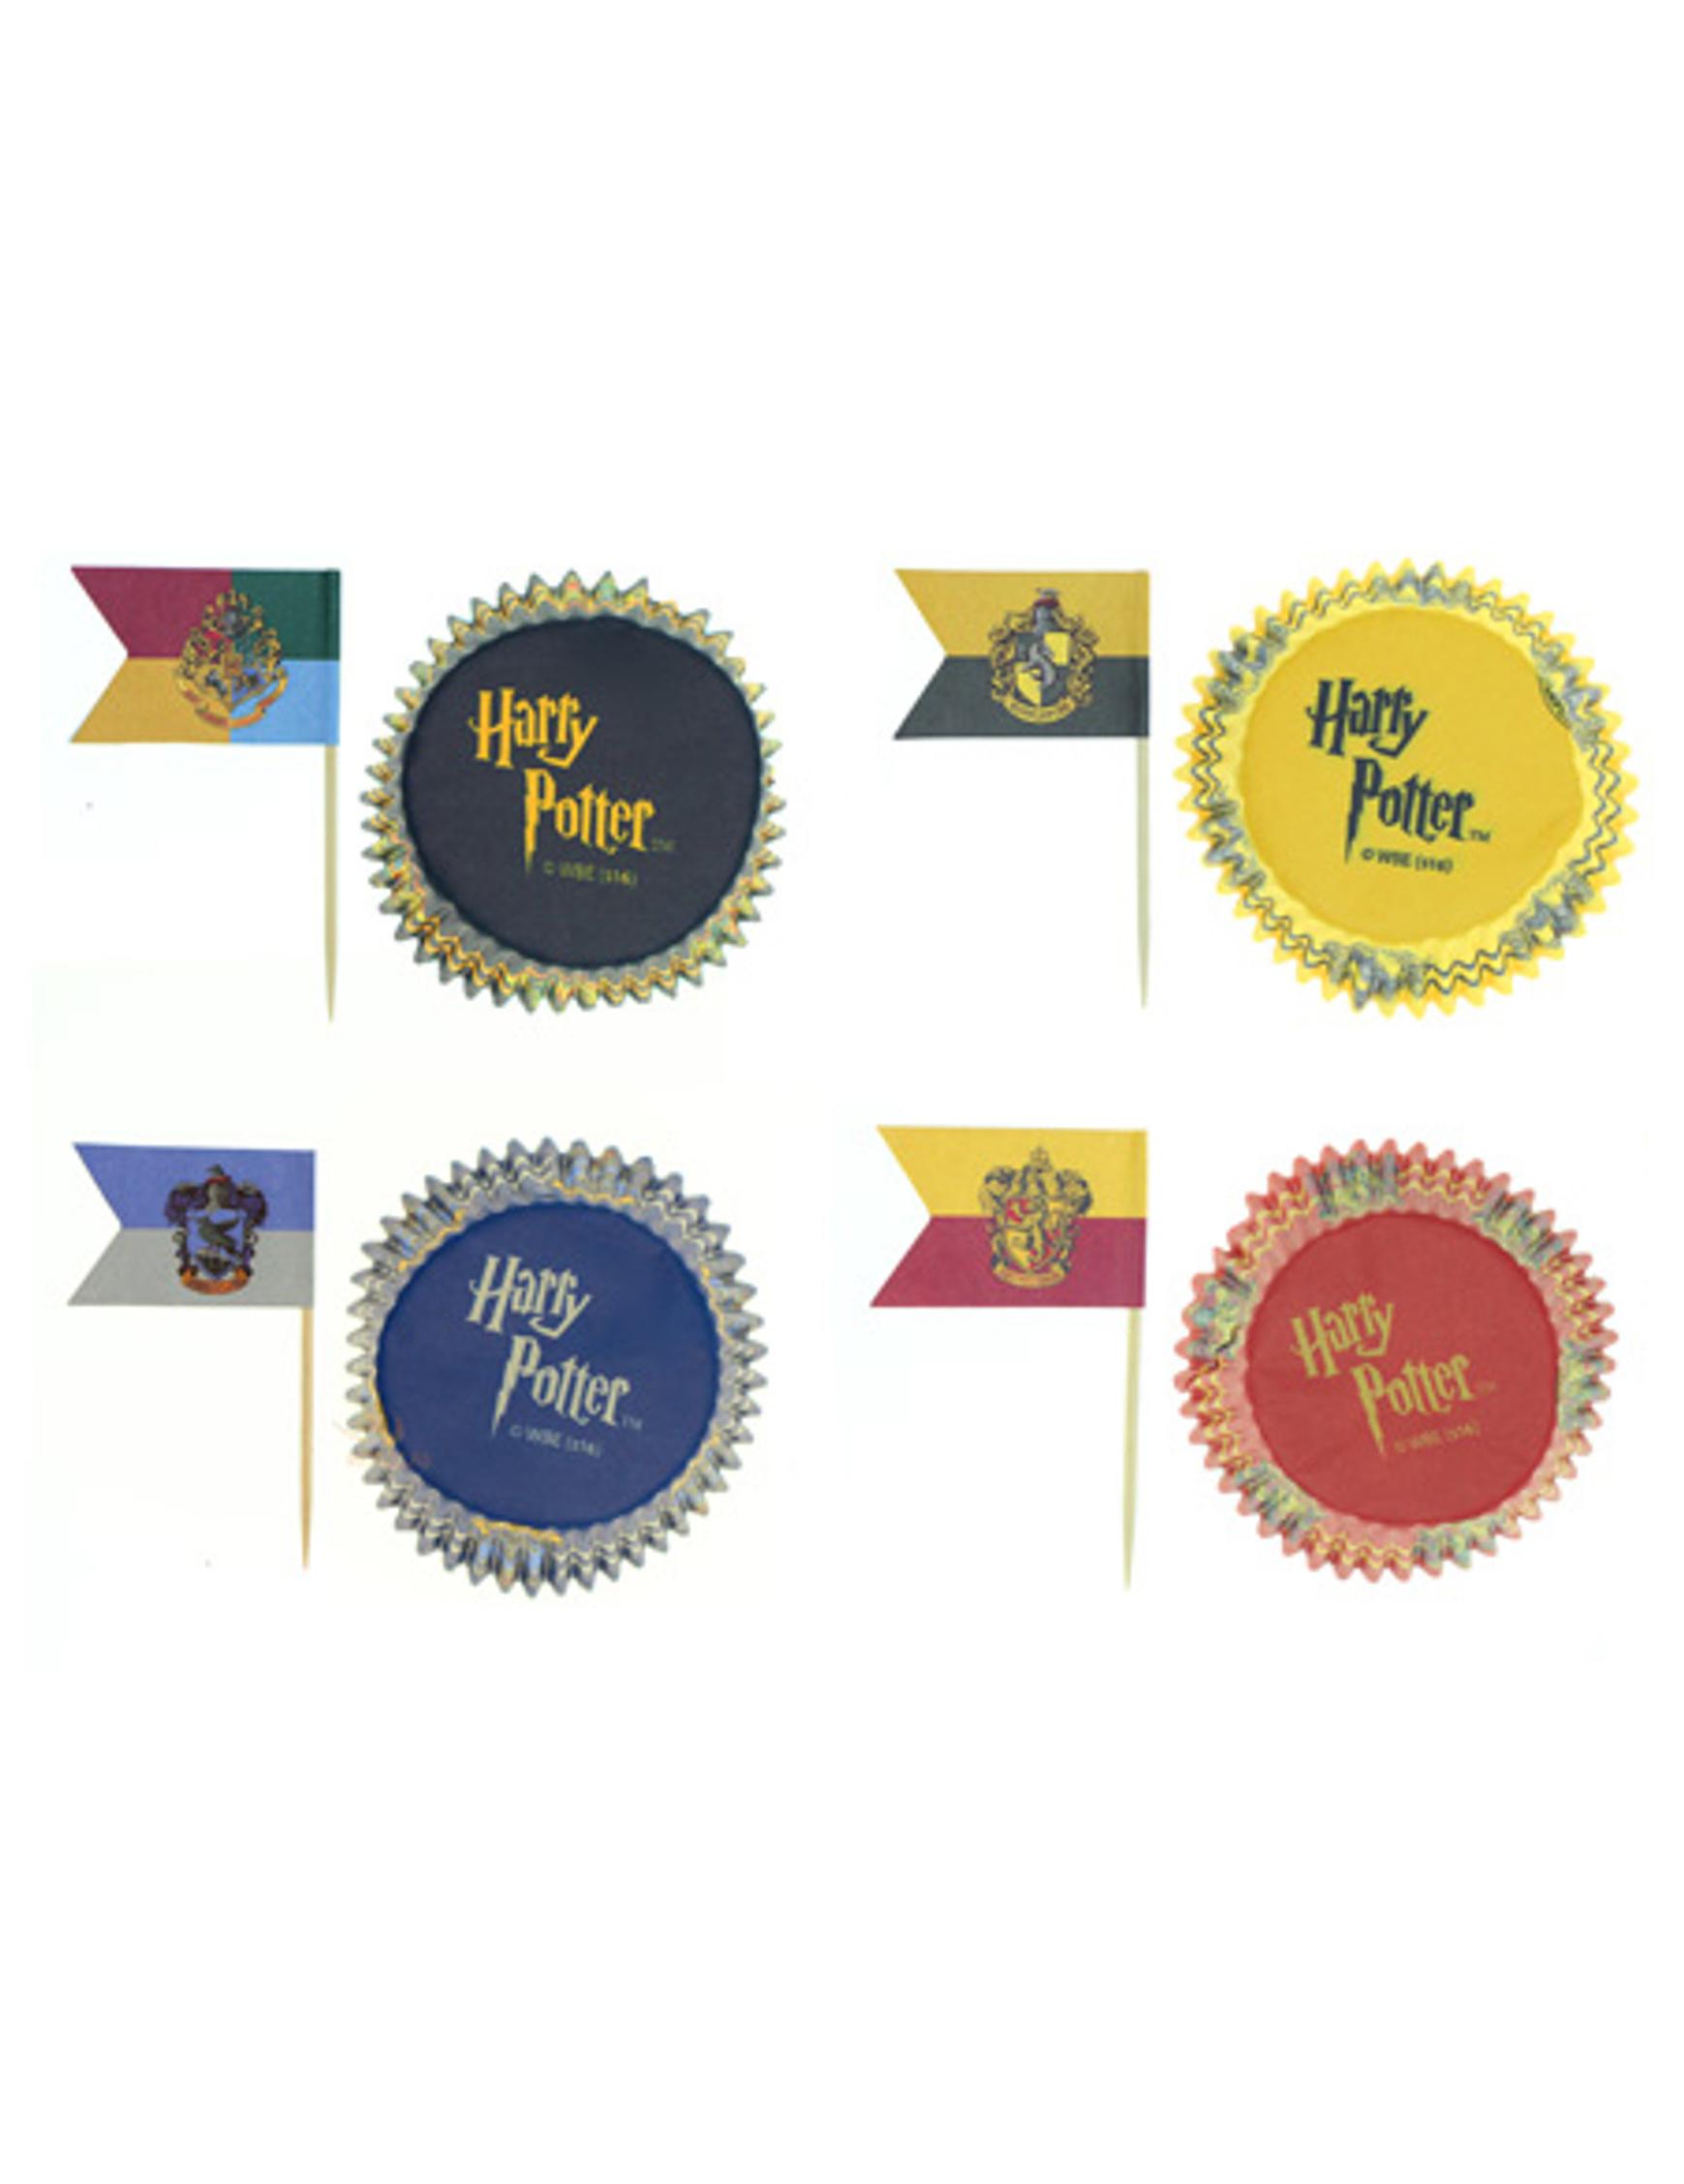 Favoriete Set van 100 Harry Potter™ cupcake decoraties: Decoratie,en #DO87